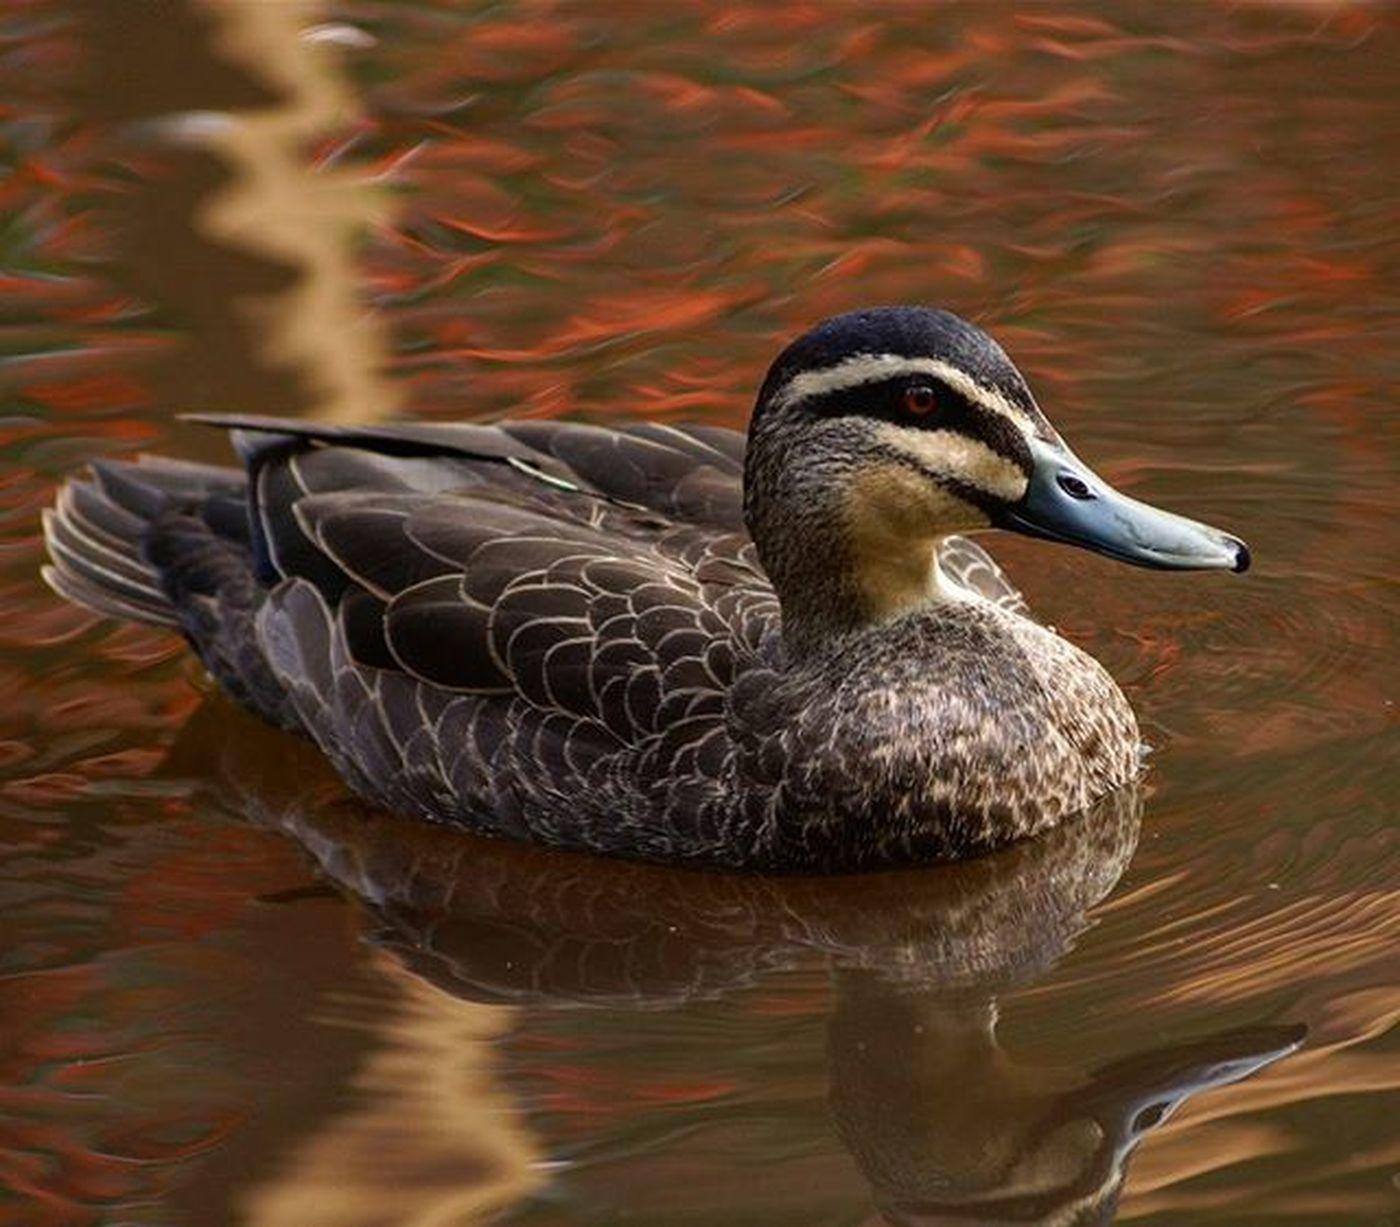 I Spotted Donald at Blackbutt Nature Bird Duck Blackbuttreservepark Blackbuttreserve Newcastle Newy Igersnewy Mynewcastle Newcastlelifestyle Newcastlelife Newyisok